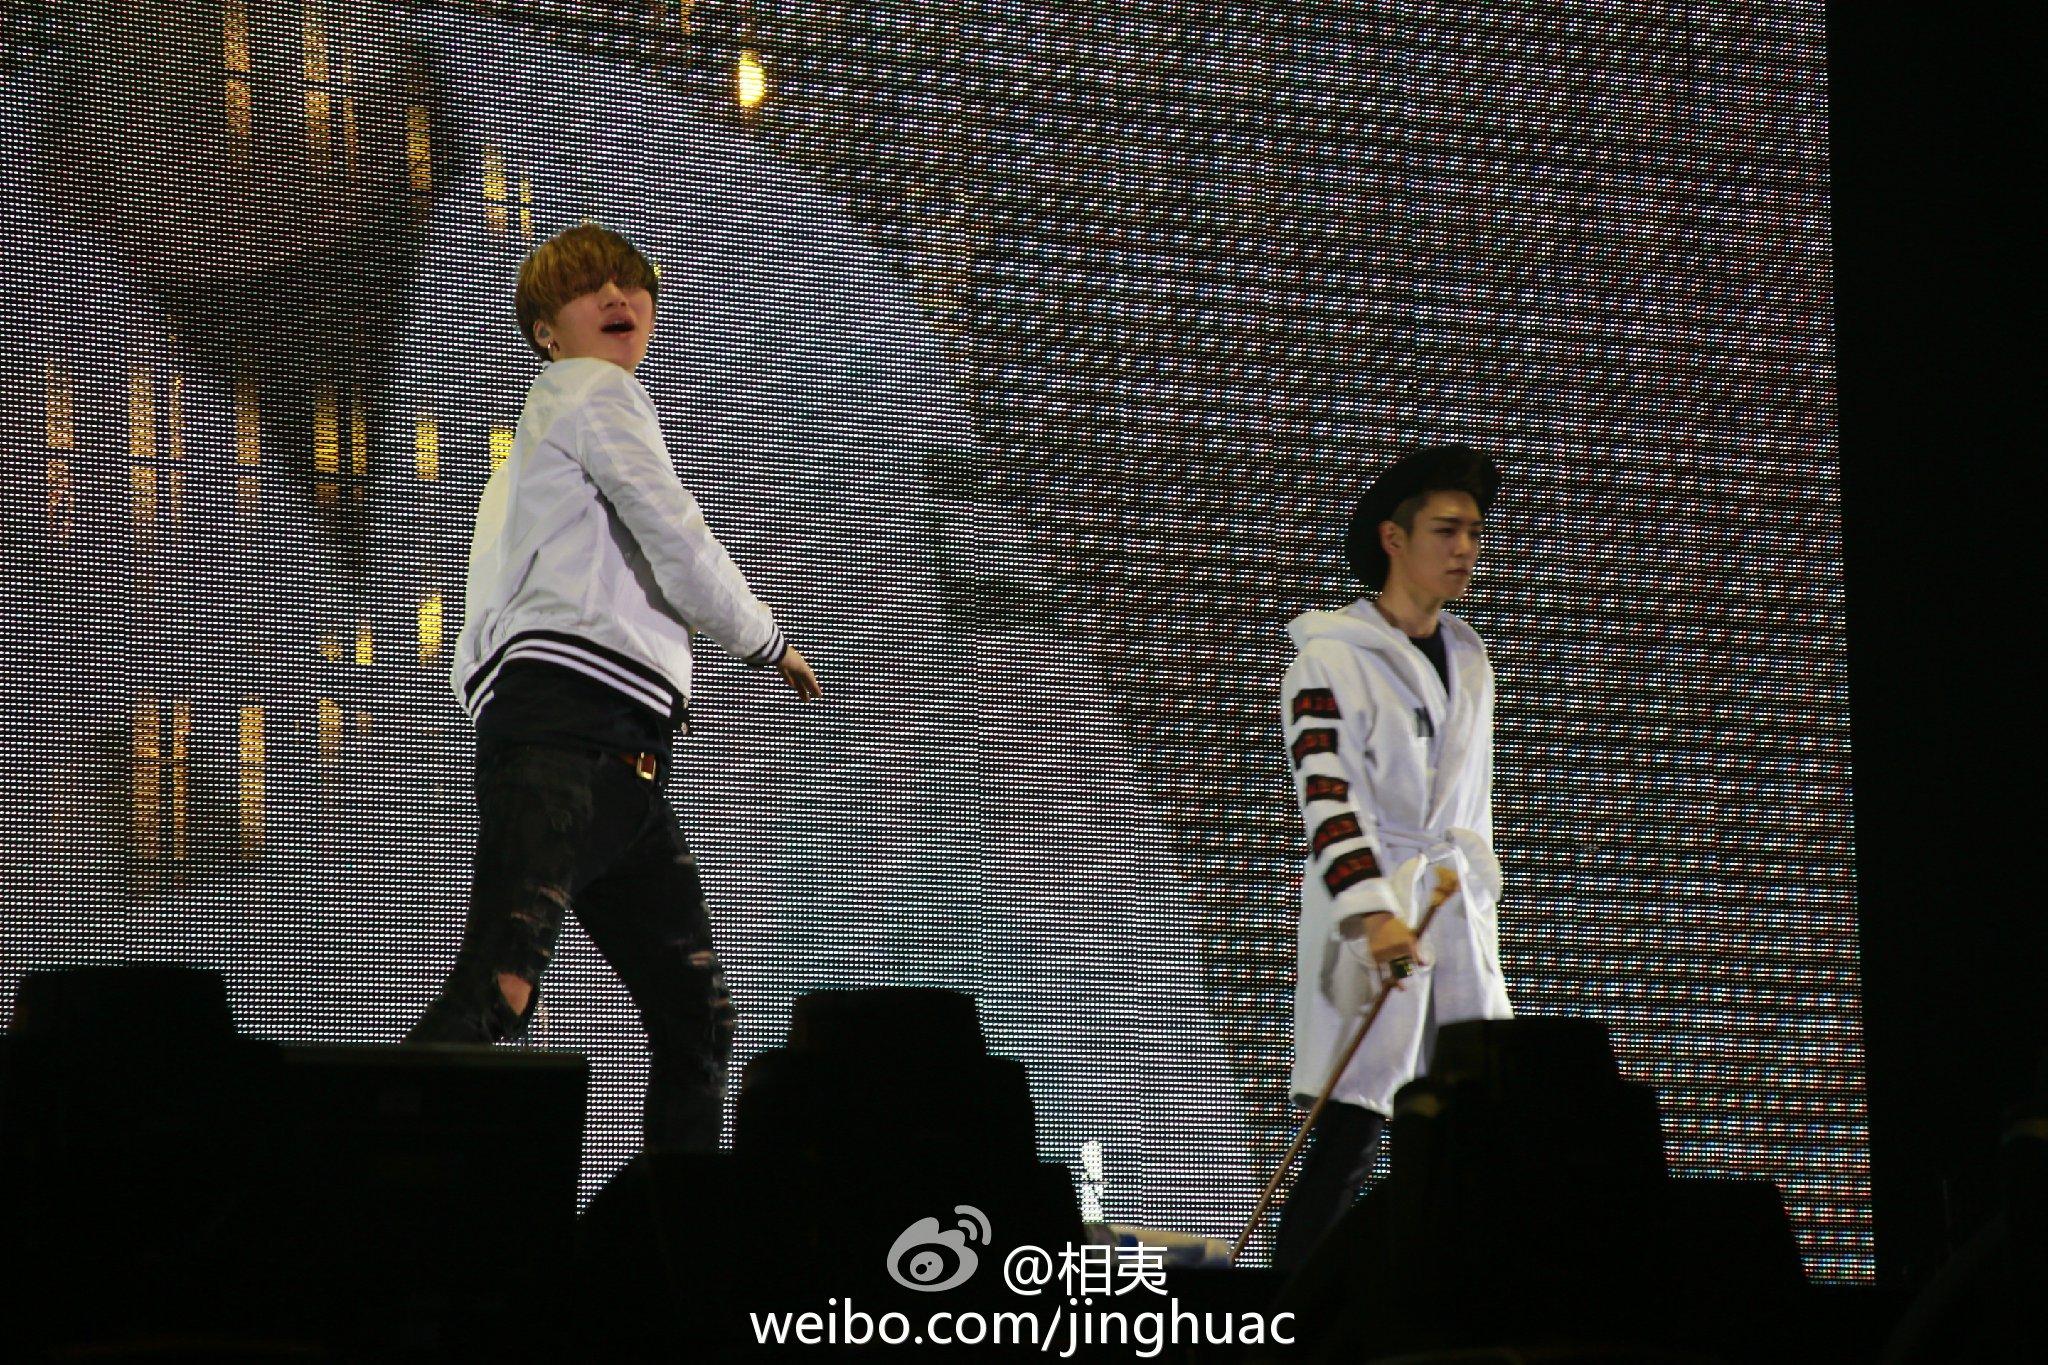 BIGBANG - Made Tour 2015 - Guangzhou - 30may2015 - jinghuac - 63.jpg